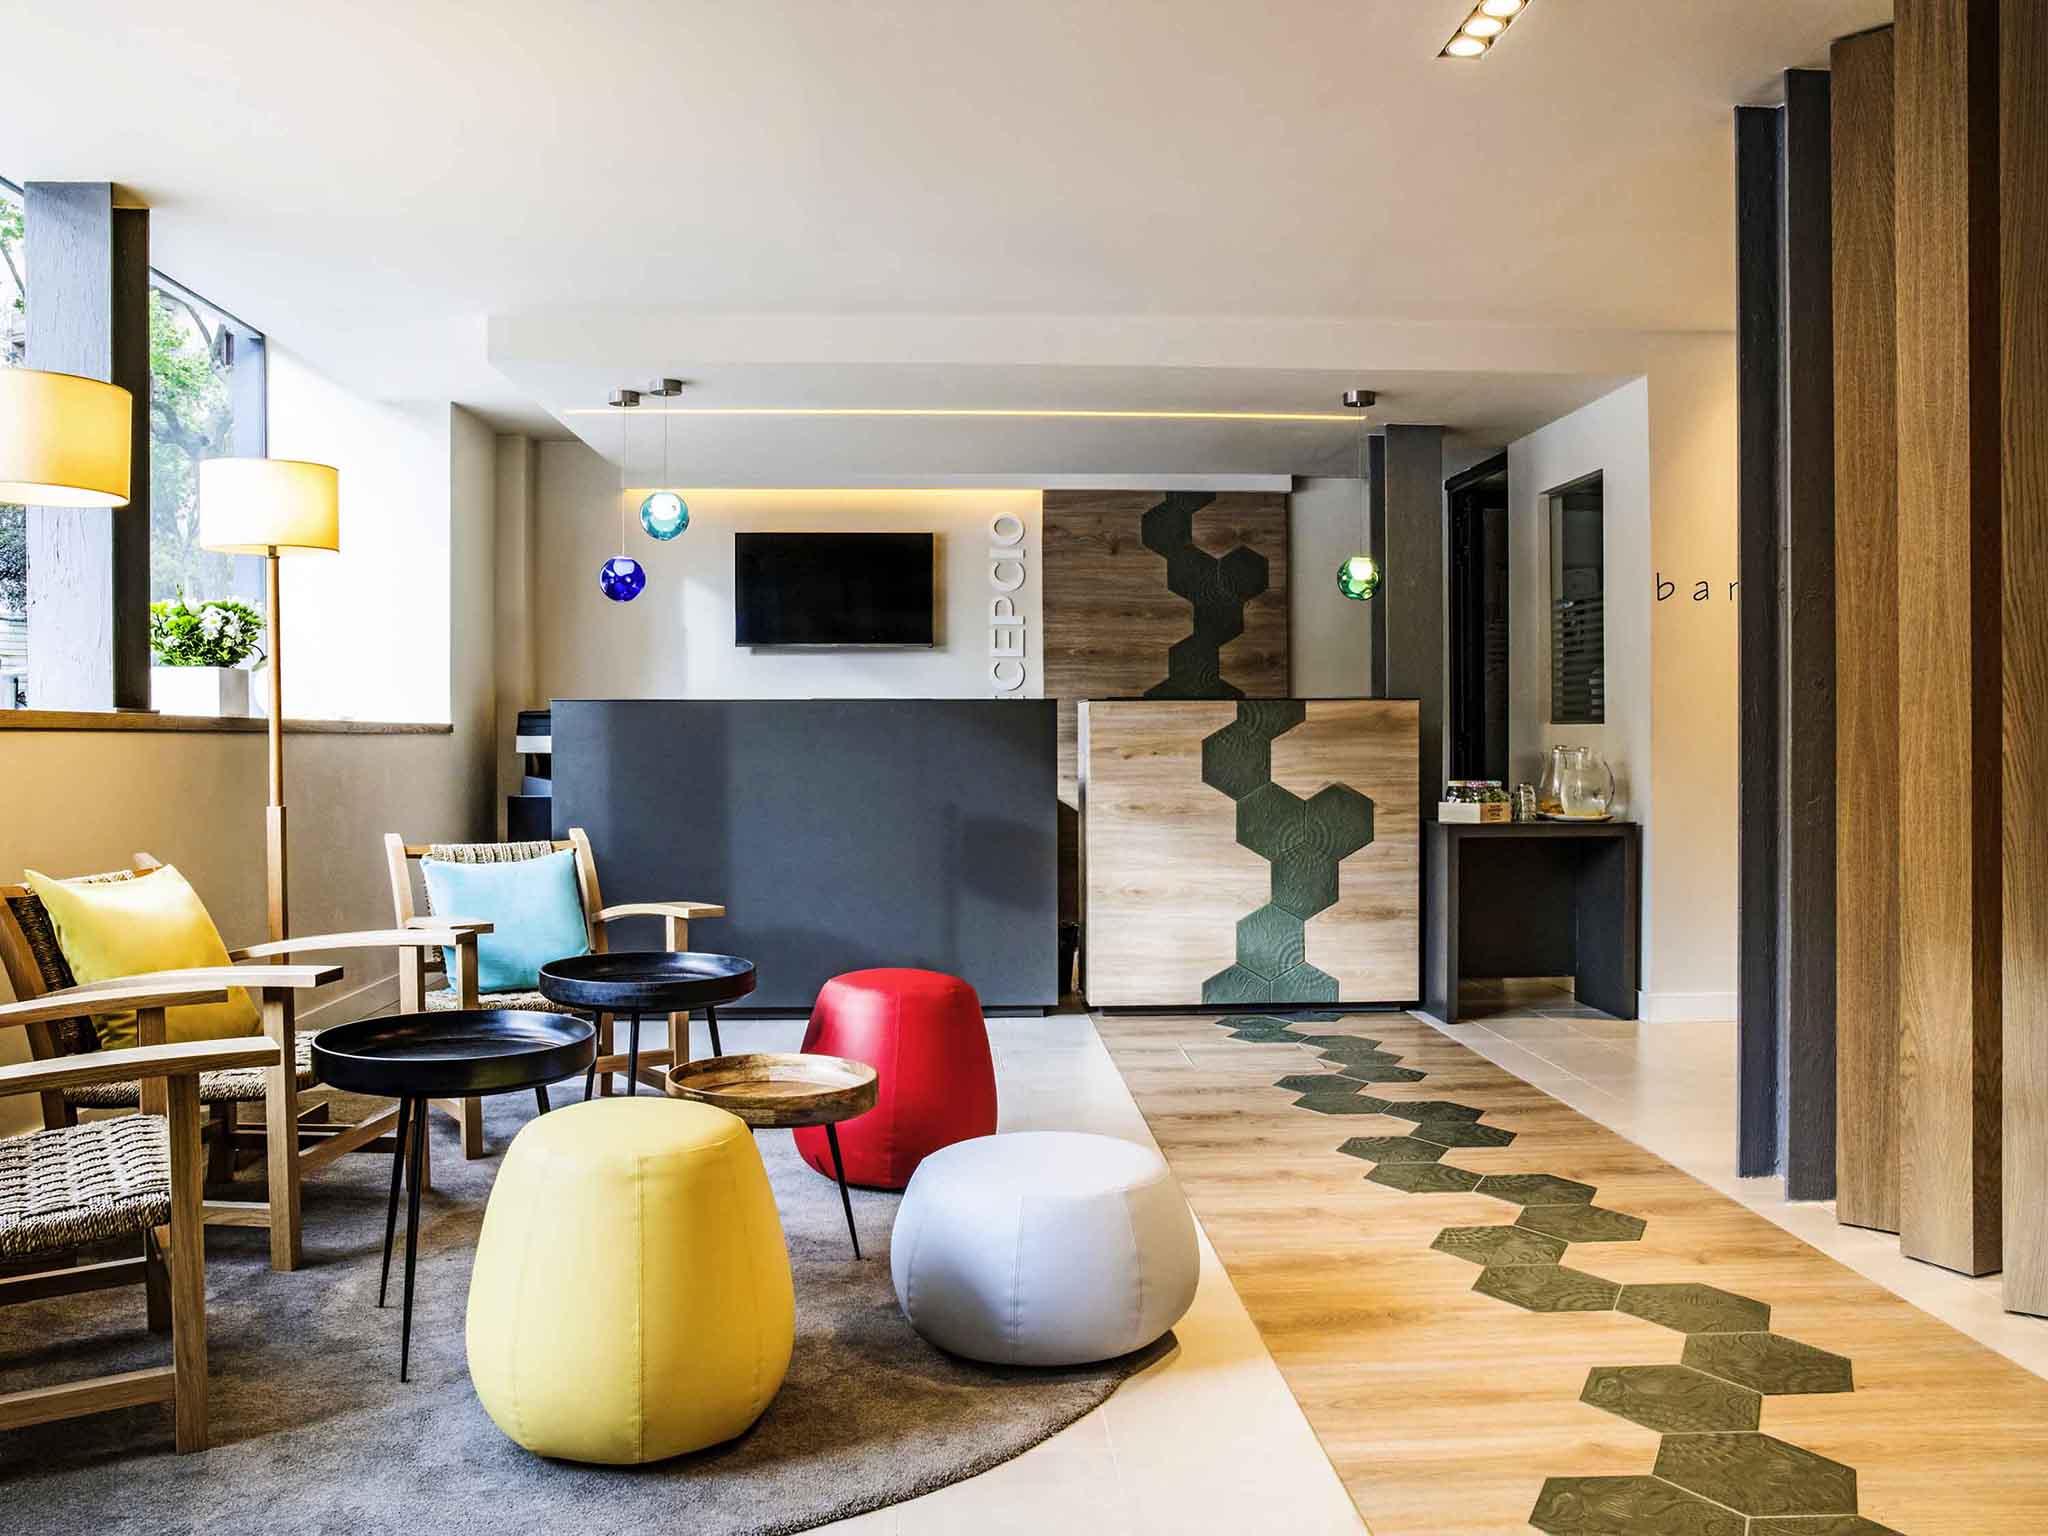 ホテル – イビス スタイルズ バルセロナ セントロ